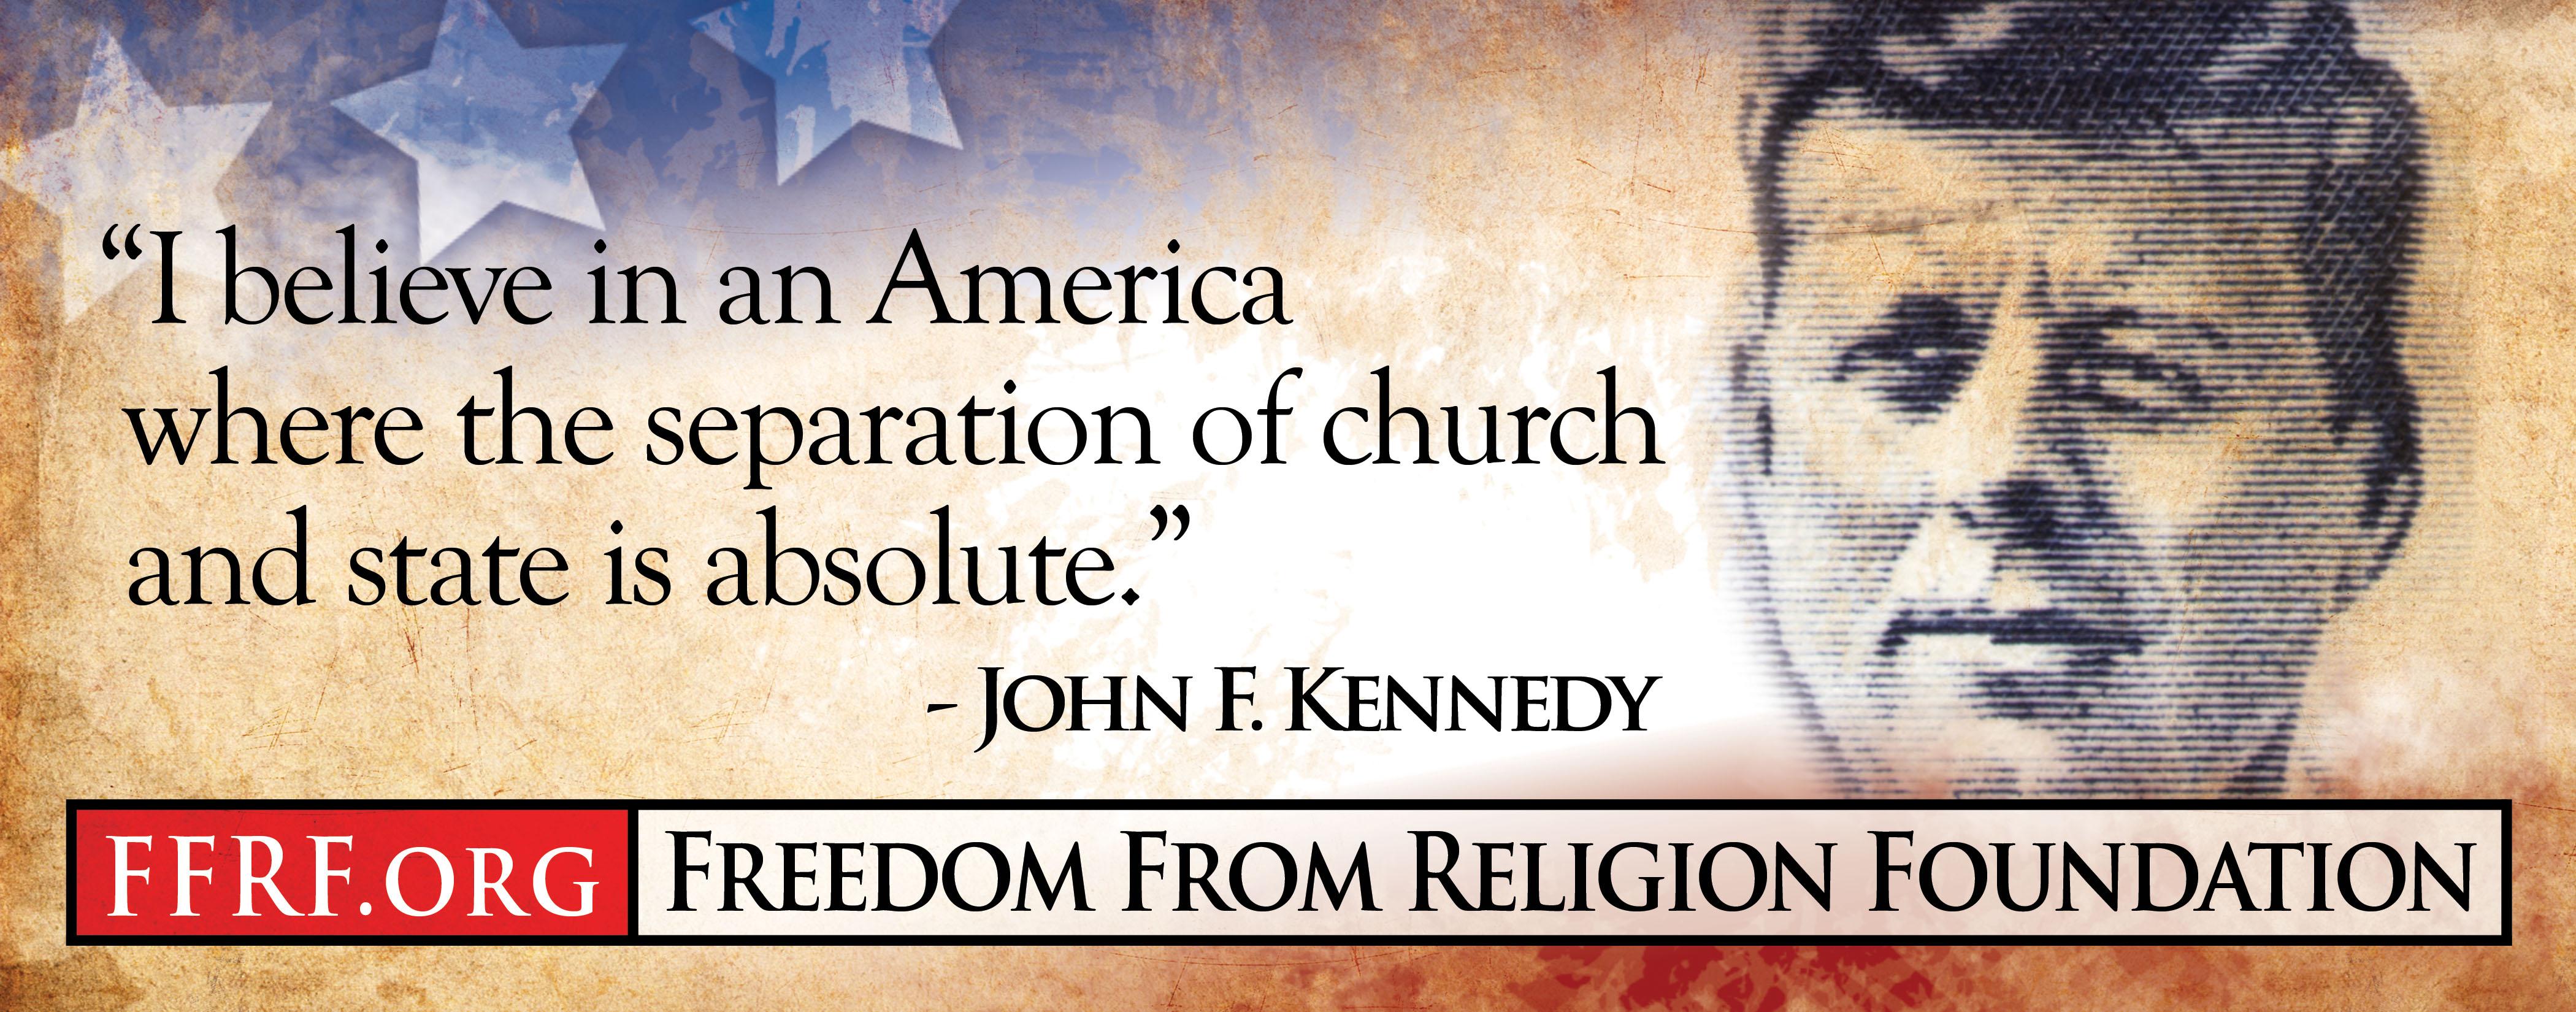 Famous Presidential Debate Quotes Quotesgram: Presidential Quotes On God. QuotesGram